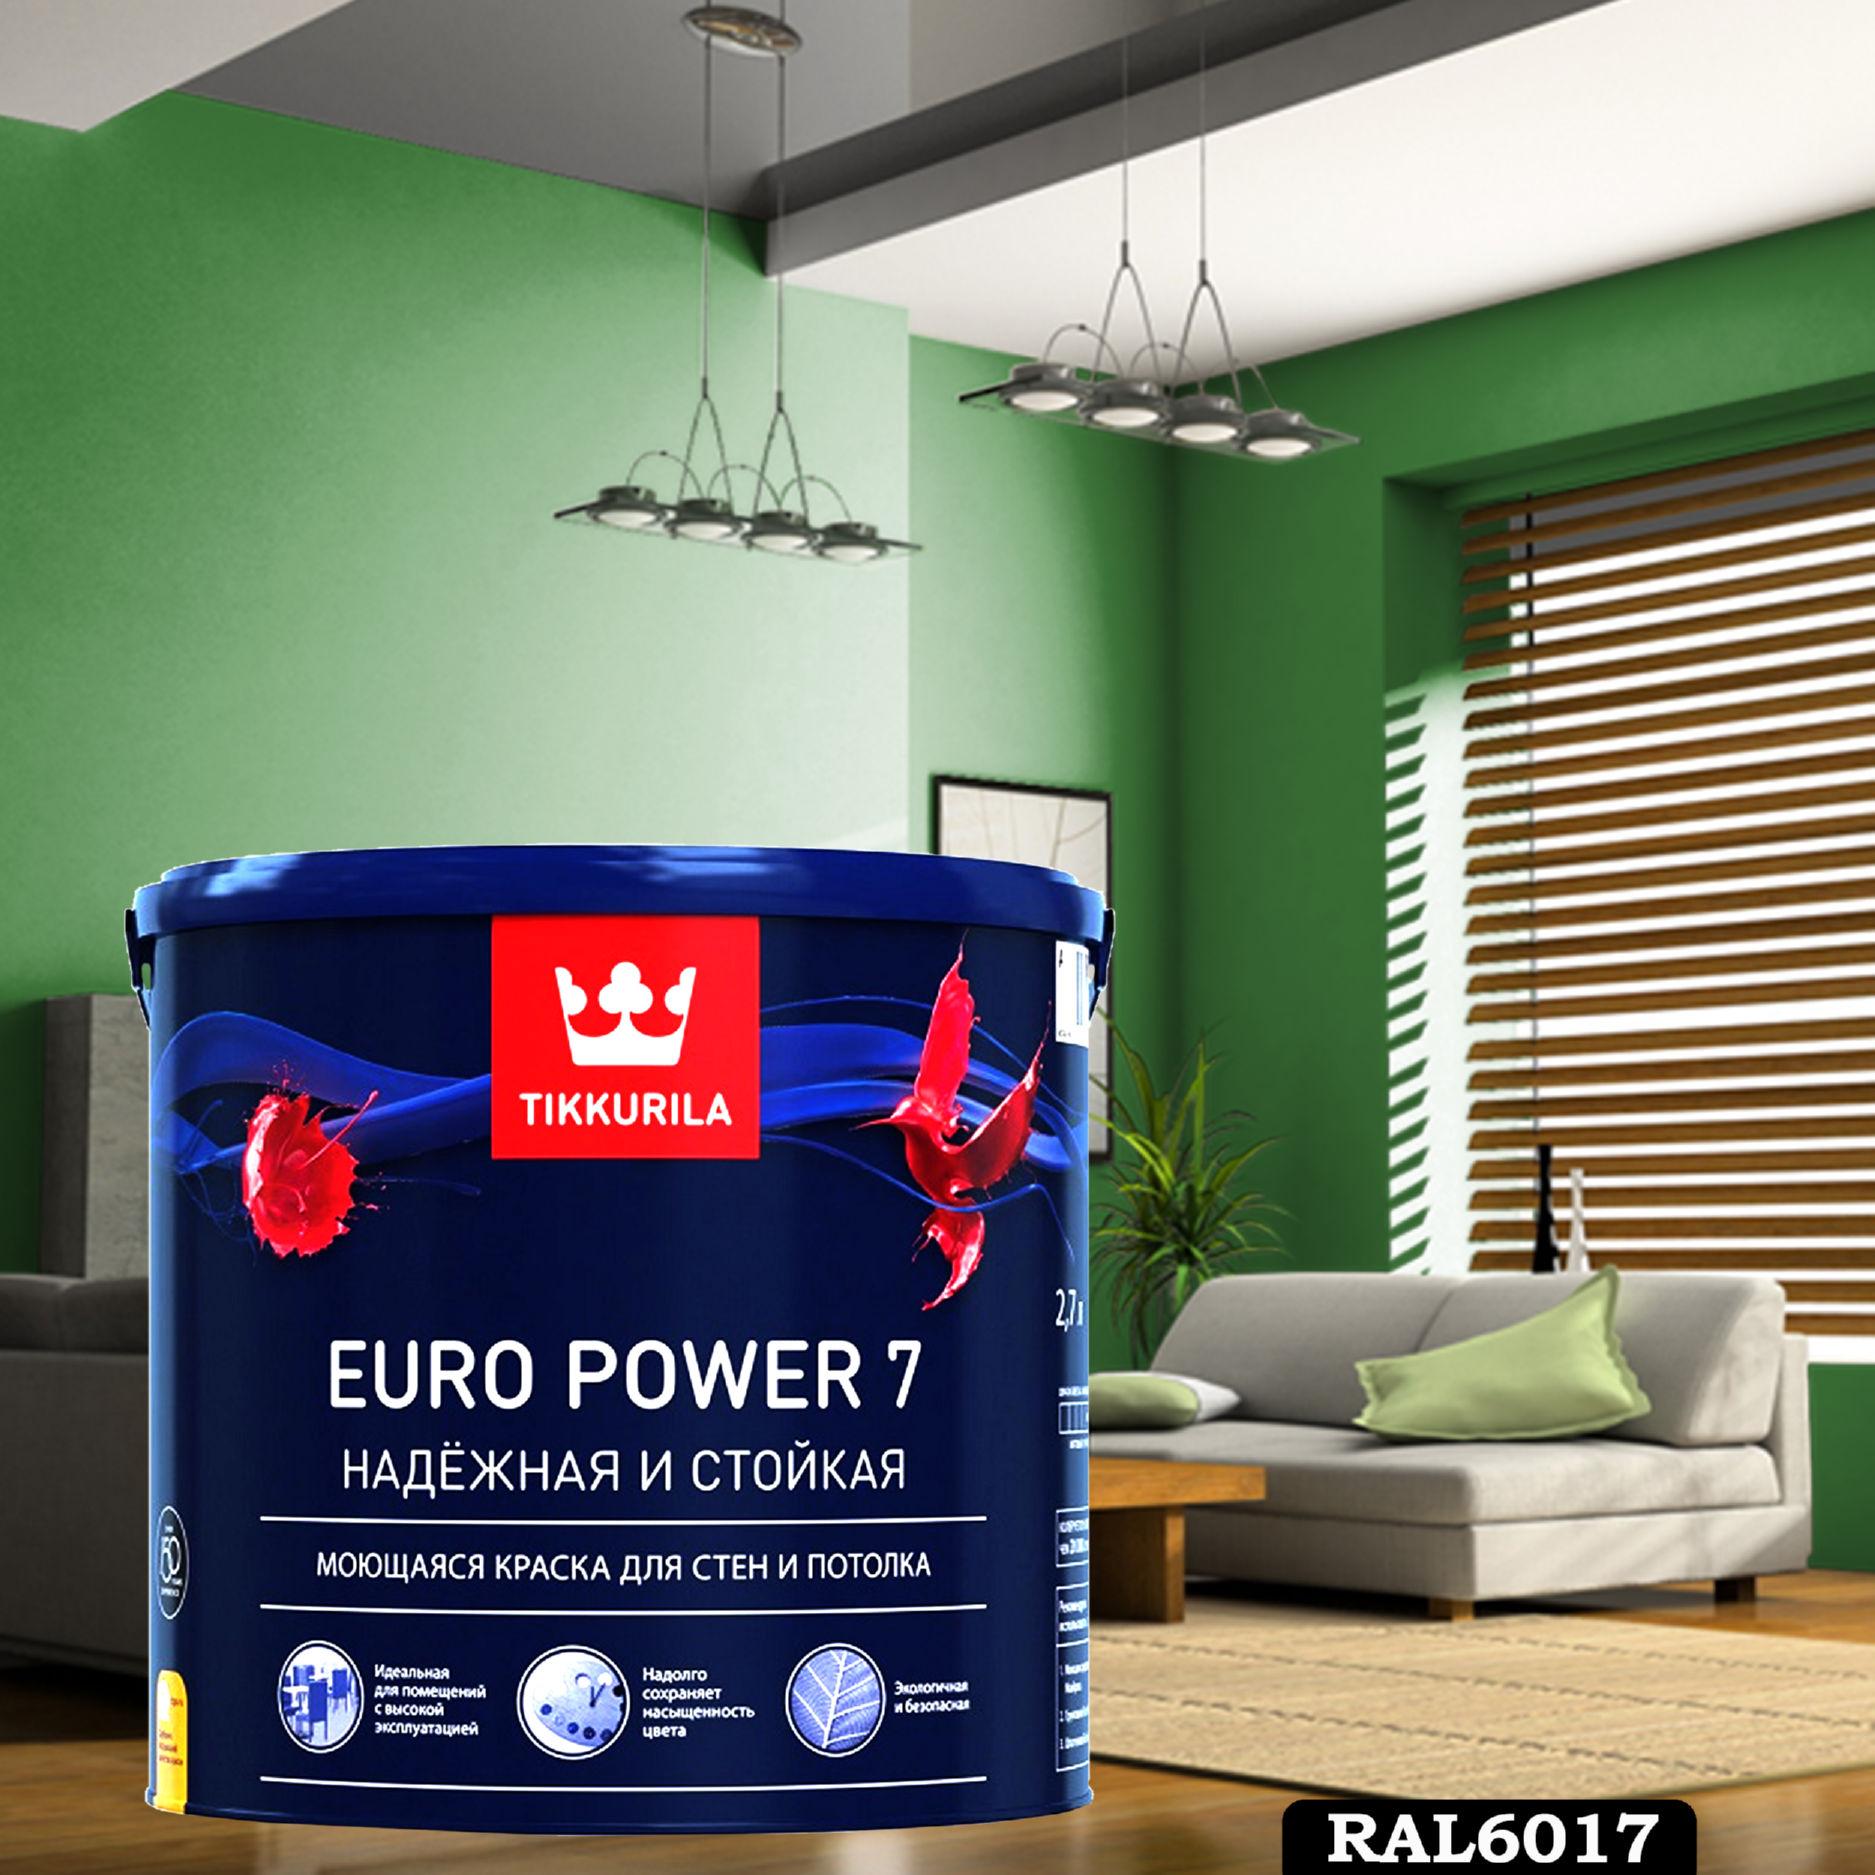 Фото 18 - Краска TIKKURILA Euro Power 7,  RAL 6017 Майская-зелень, латексная моющаяся матовая интерьерная, 9 л.